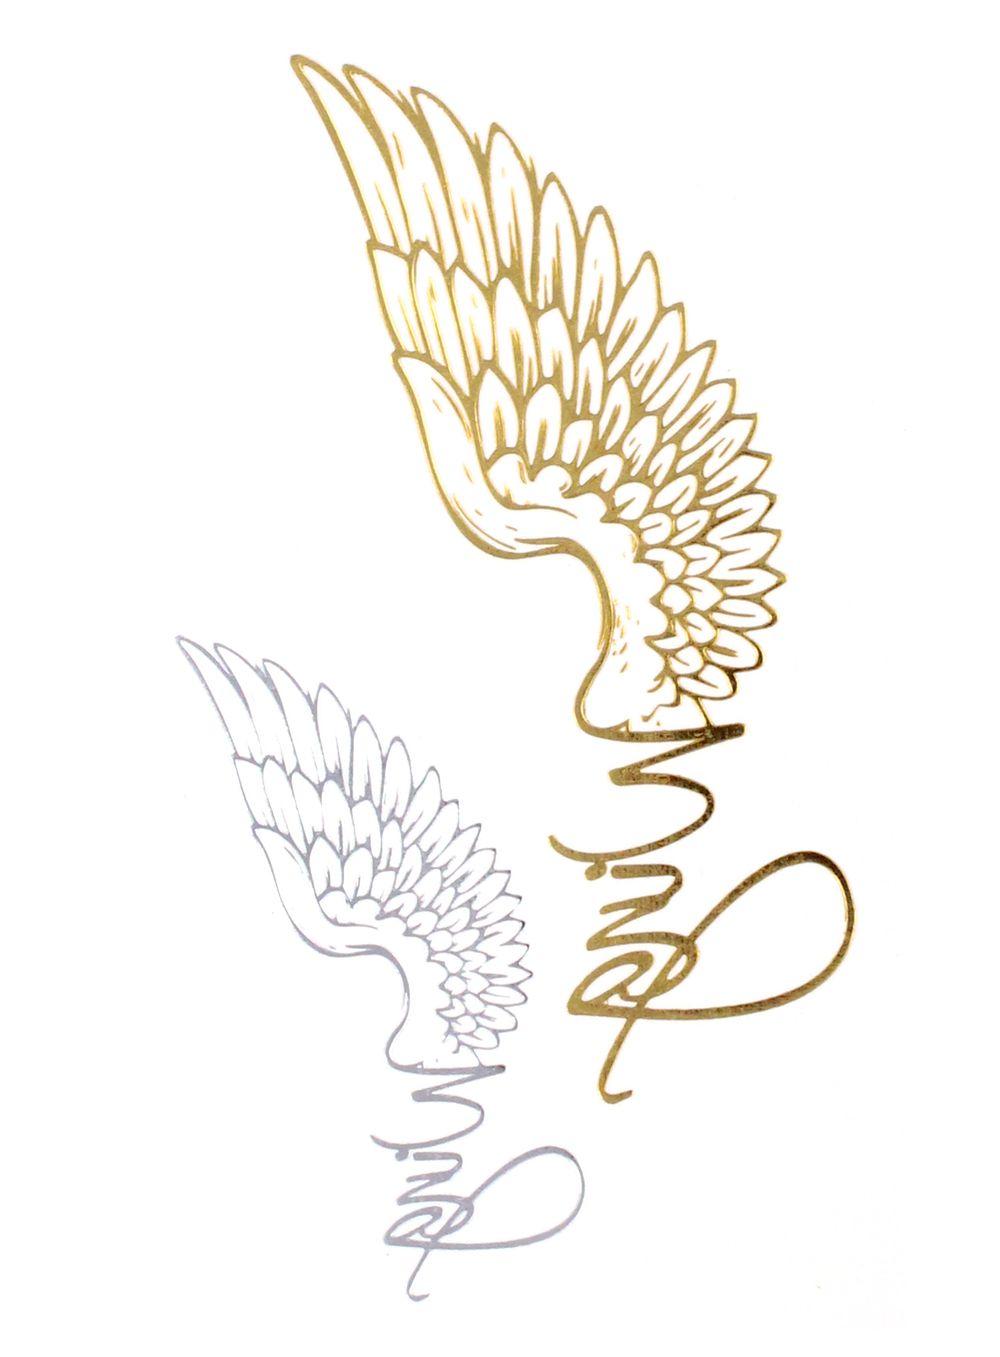 Exquisit Tattoo Motive Engel Sammlung Von Flash Metallic Temporary Einmal Klebe Gold Flügel